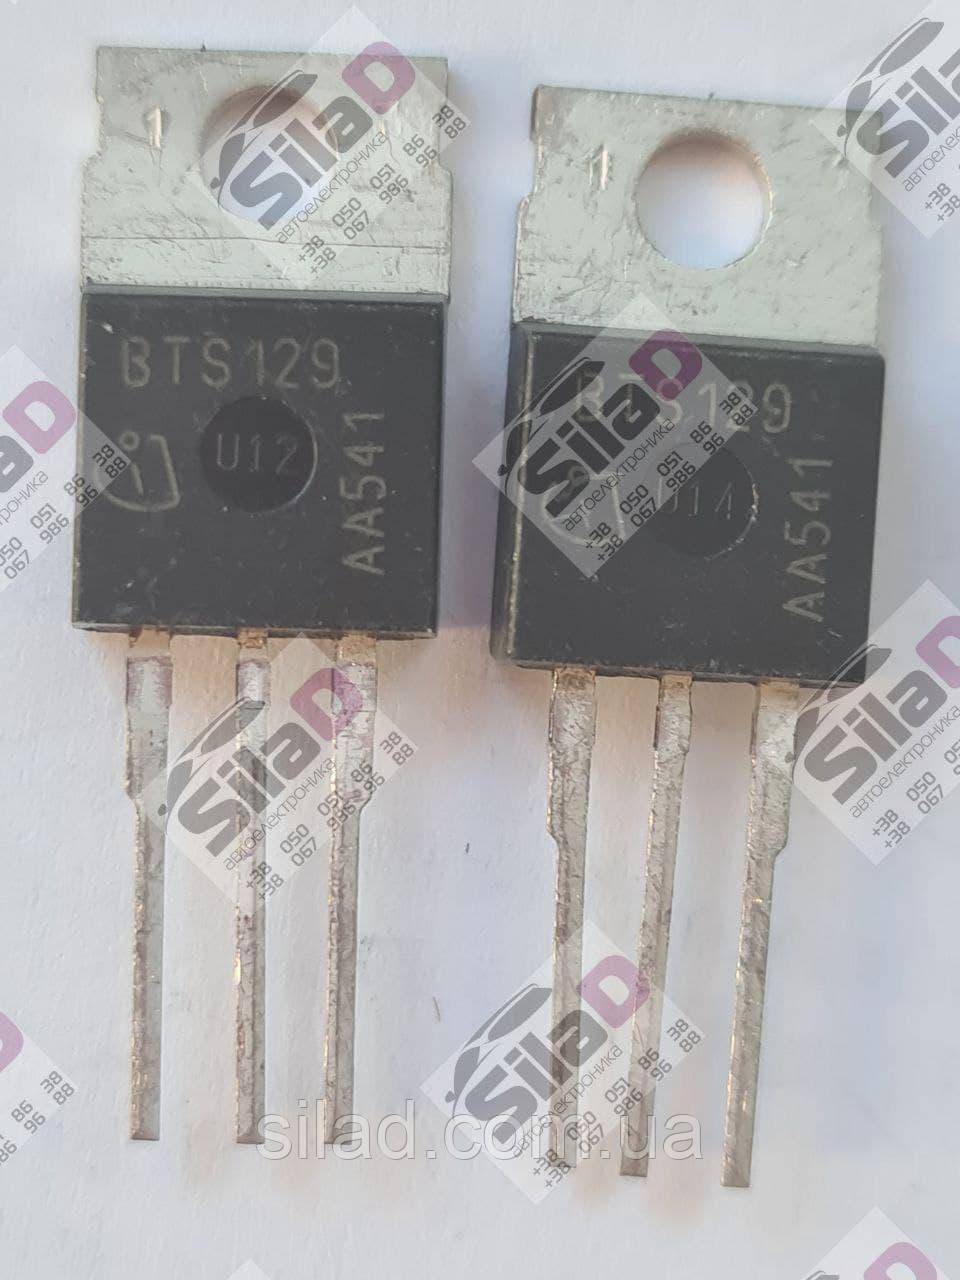 Транзистор BTS129 Infineon корпус TO-220